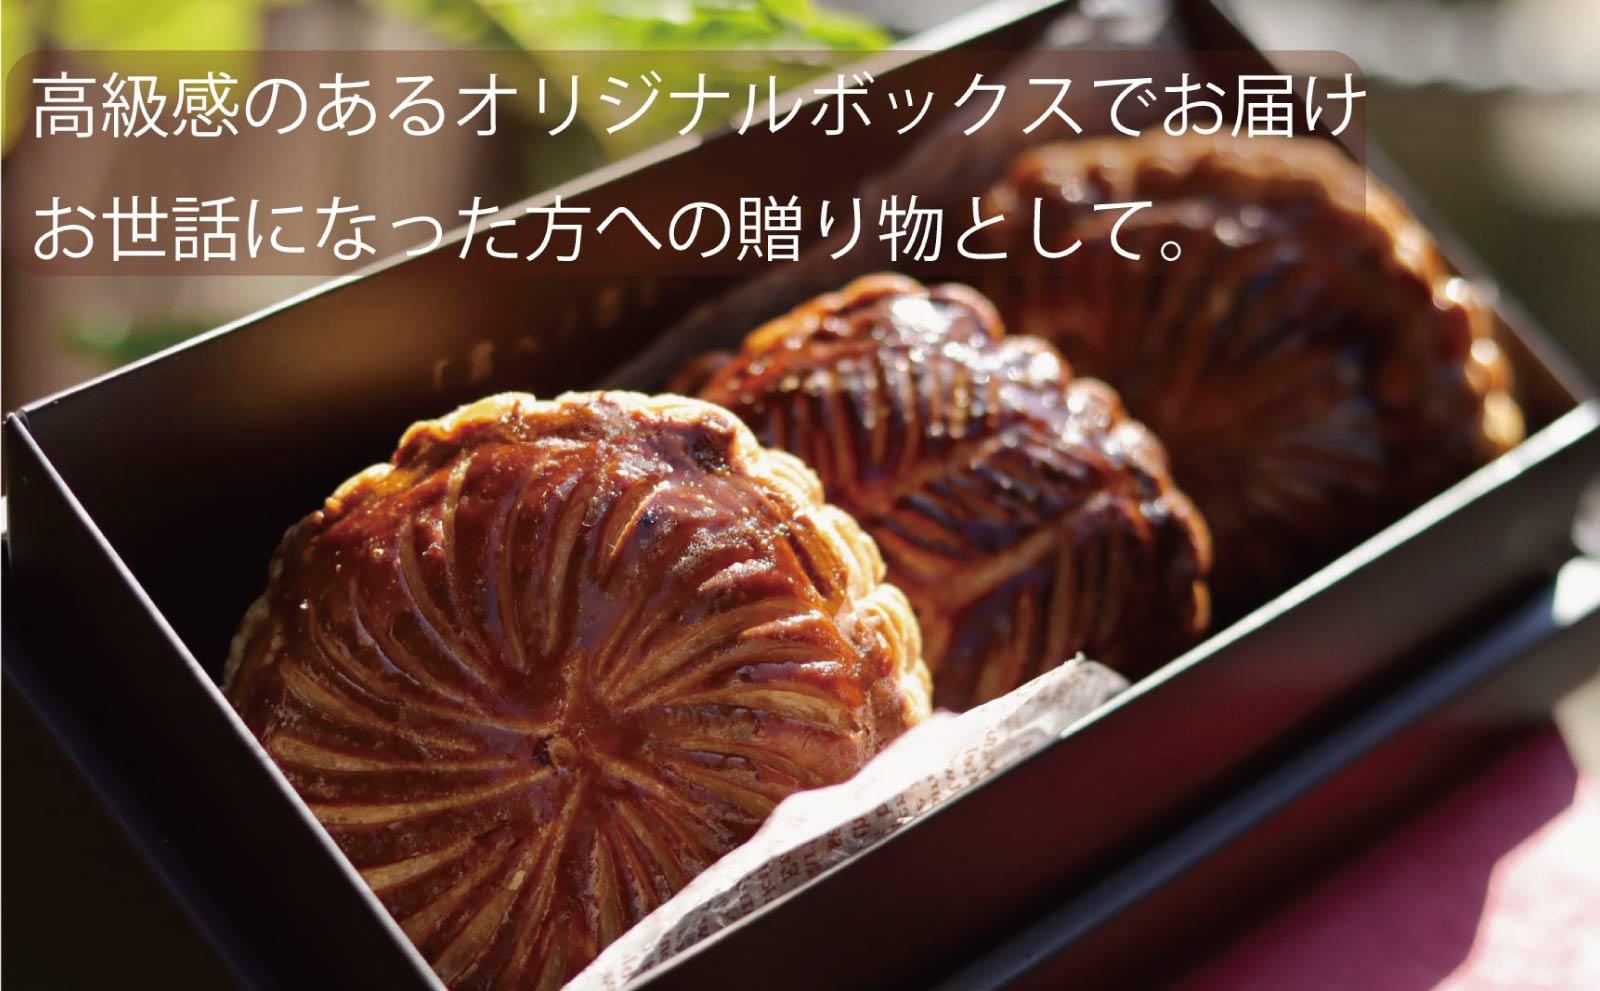 魅惑のパイ菓子 ピティビエ4個入りボックス(+熊木ホットケーキ店オリジナルブレンドティー25g(約6杯分)